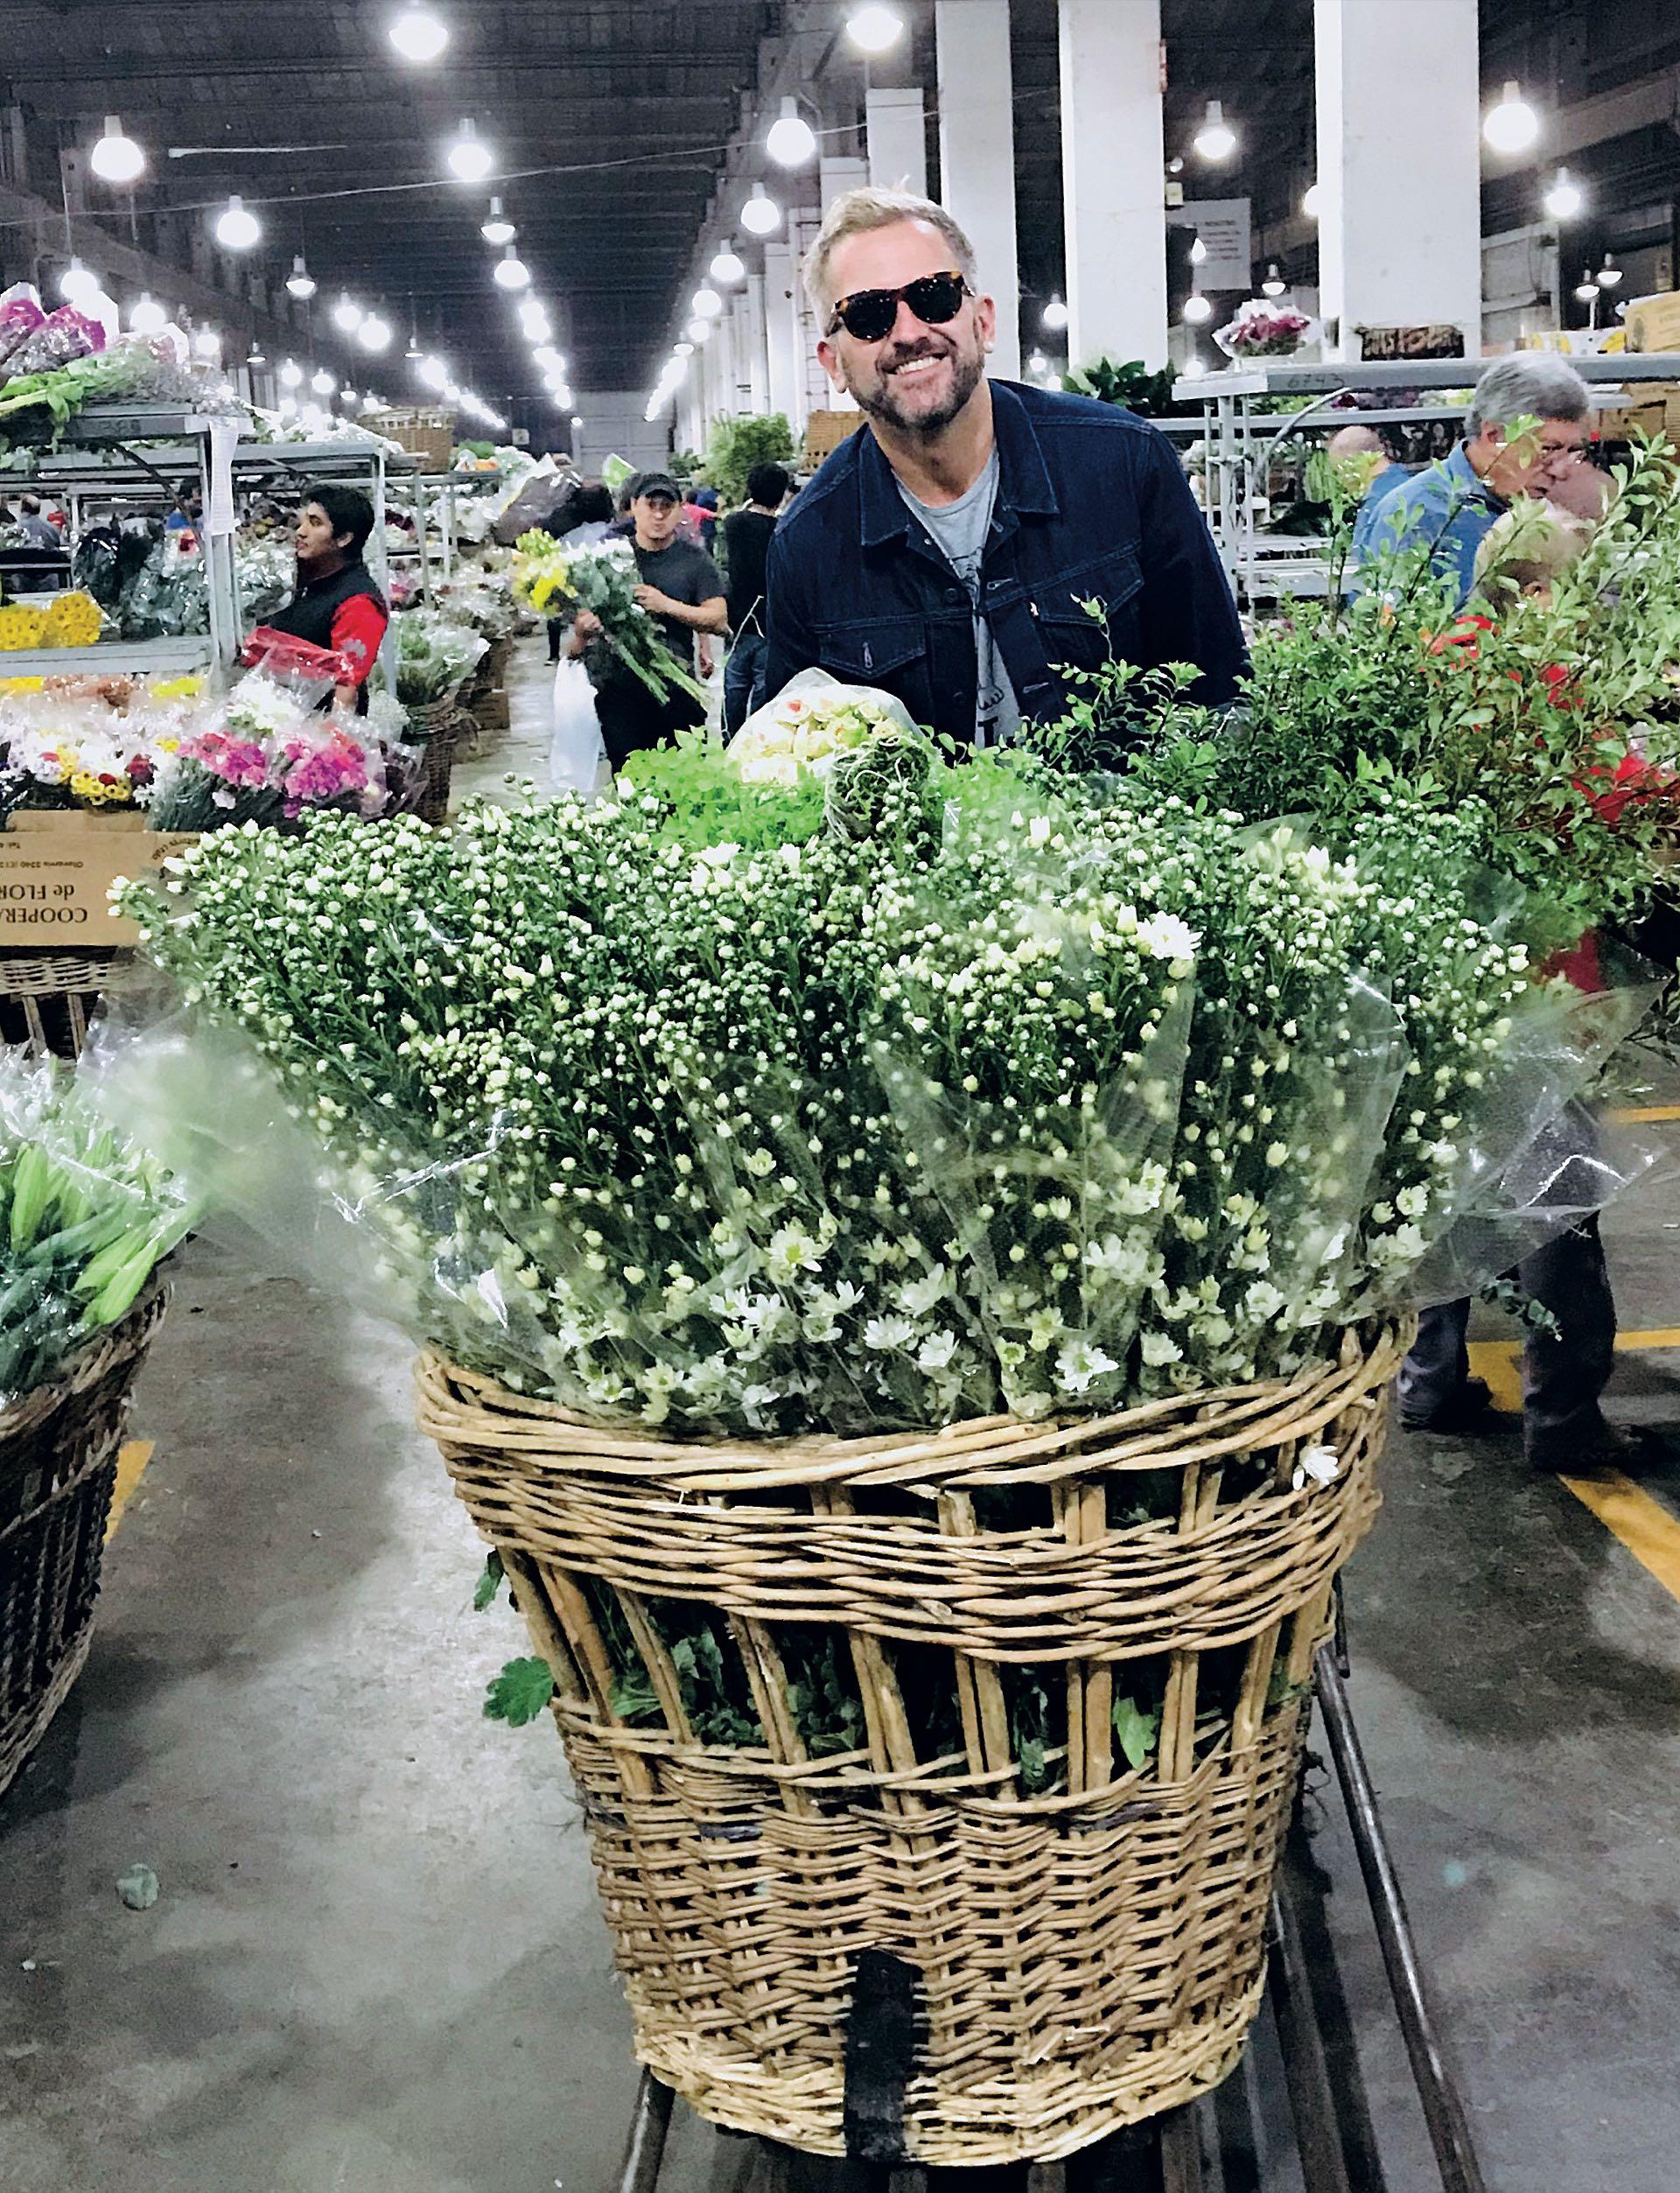 """La ambientación demandó tres días de trabajo y fue realizada por Ramiro Arzuaga. """"Tuvo un estilo botánico y silvestre, en colores crudos y detalles de mimbre. 'Lindo pero sencillo', fue el pedido de la novia"""", revela Arzuaga."""